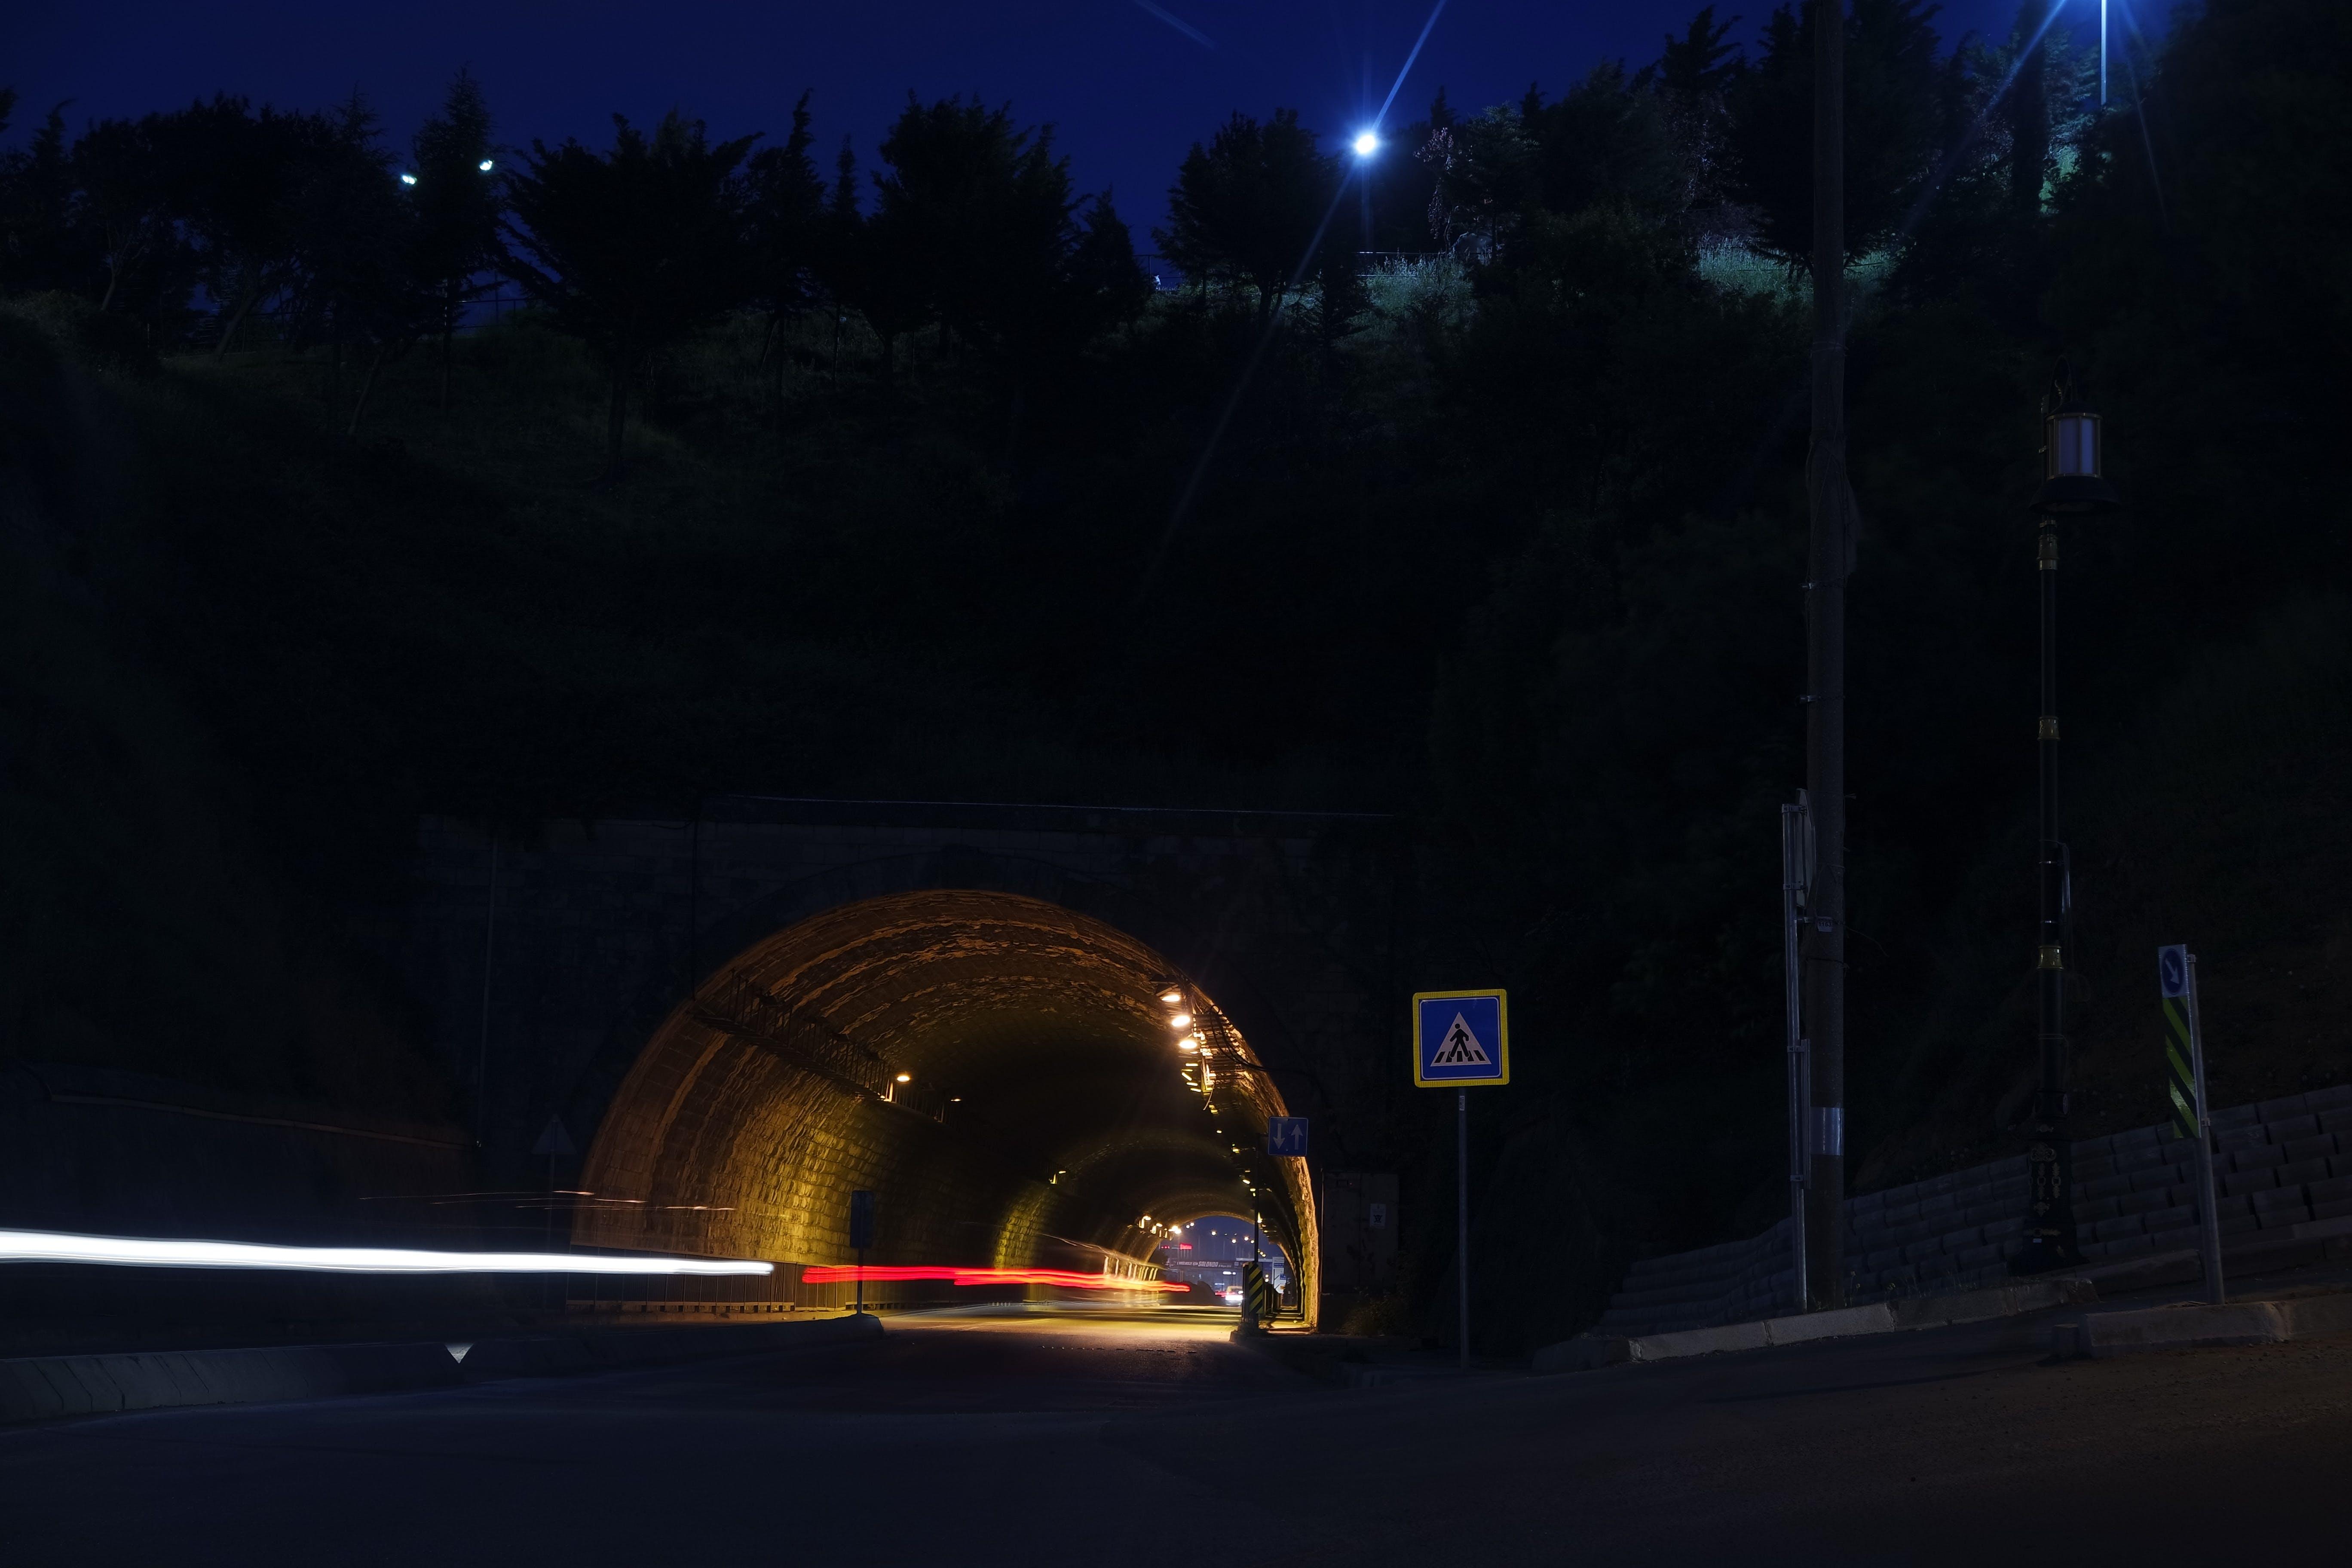 Kostenloses Stock Foto zu beleuchtung, dunkel, langzeitbelichtung, nacht